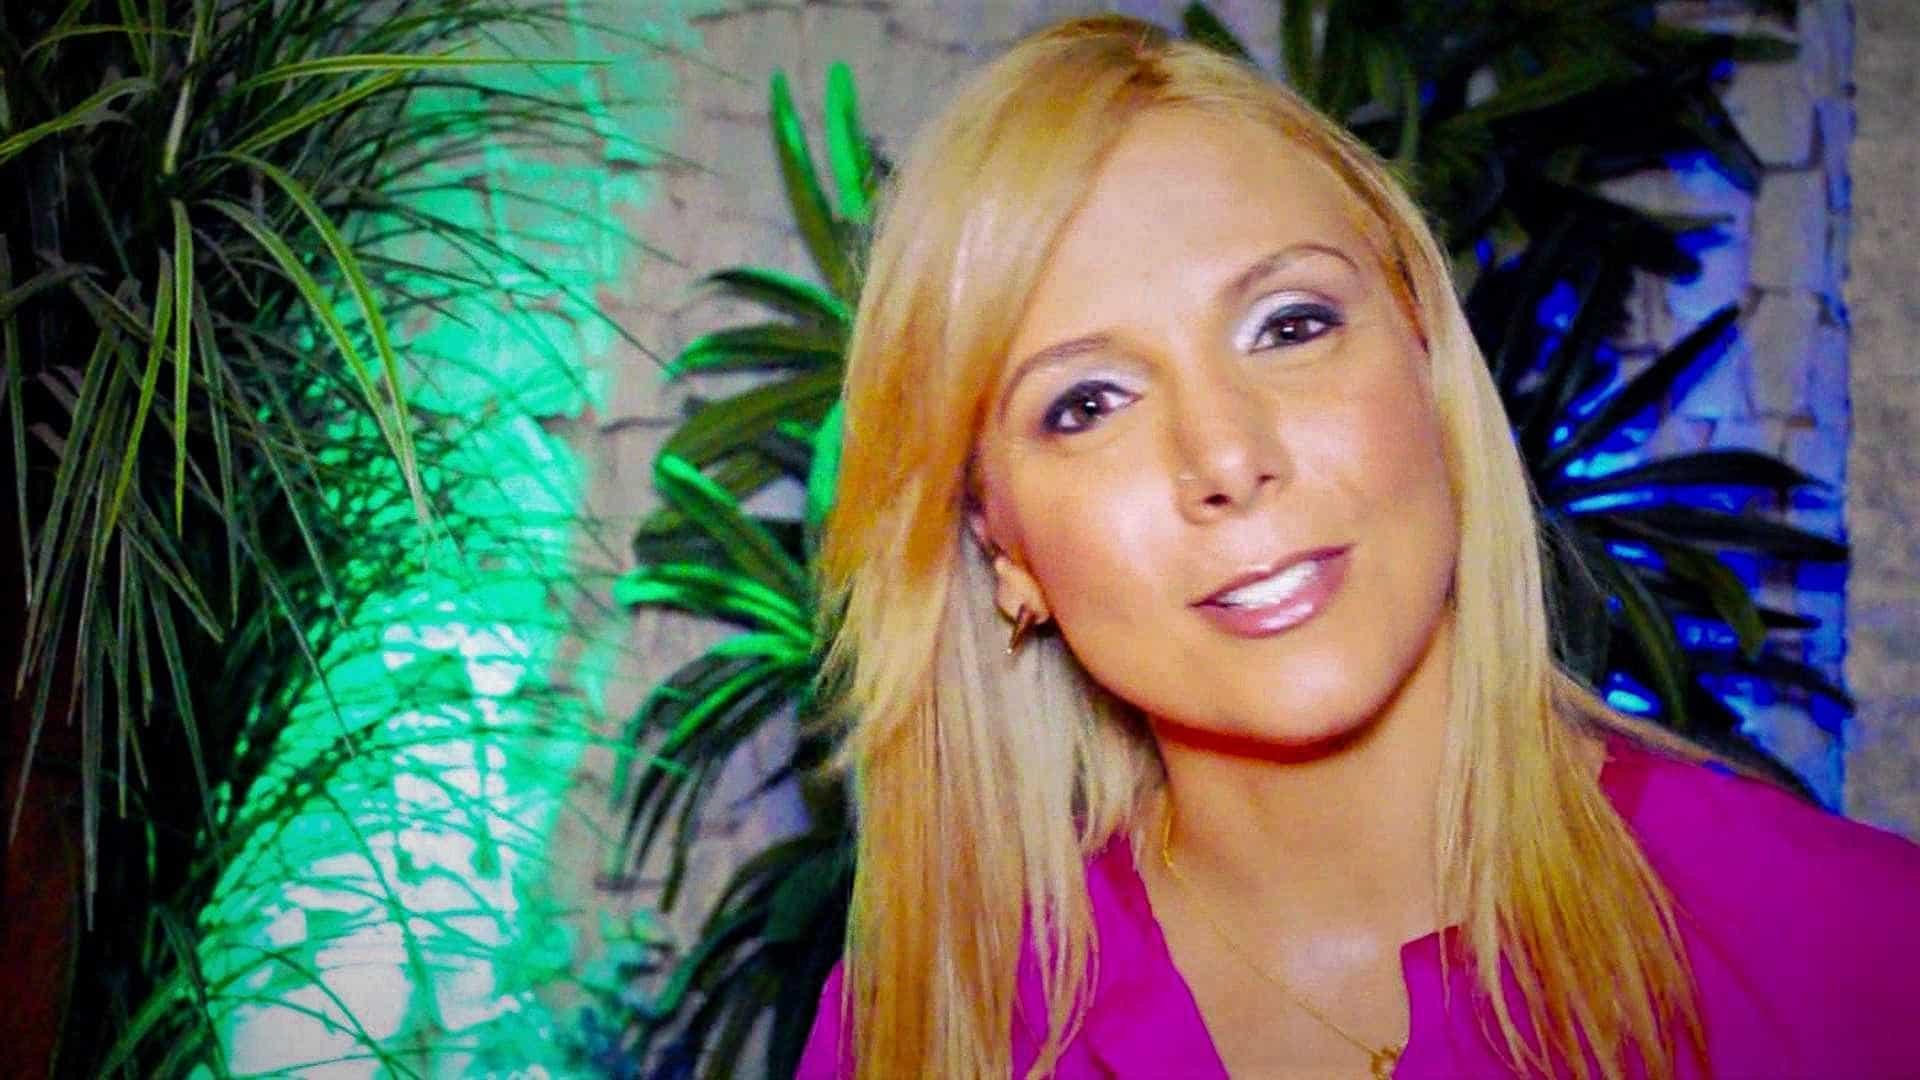 Carla Perez relembra saída do É o Tchan: 'Houve agressão'